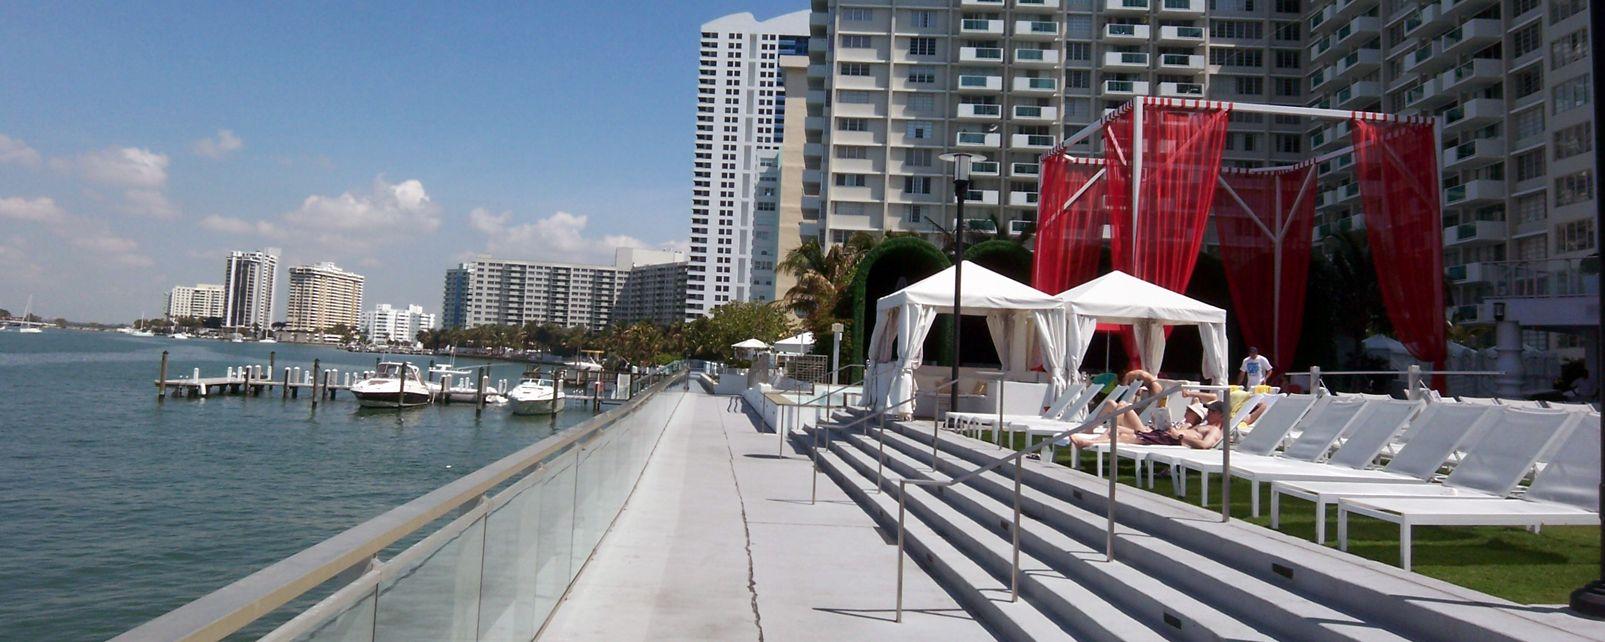 Hôtel Mondrian South Beach